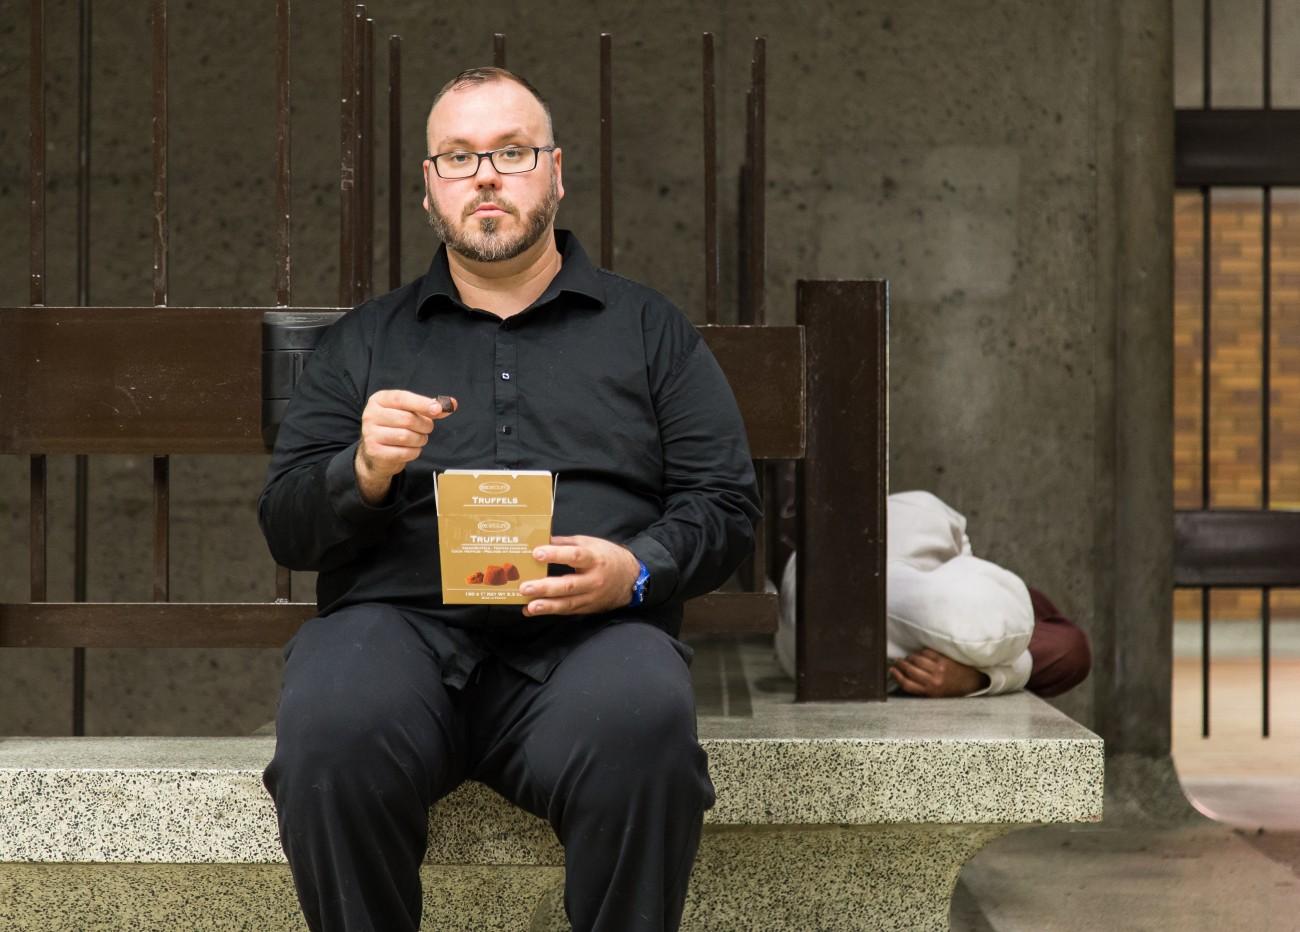 Steve Giasson. Performance invisible n° 125 (Manger des truffes au milieu des clochards). Performeur : Steve Giasson. Crédit photographique : Daniel Roy. Métro Bonaventure, Montréal. 8 juin 2016.